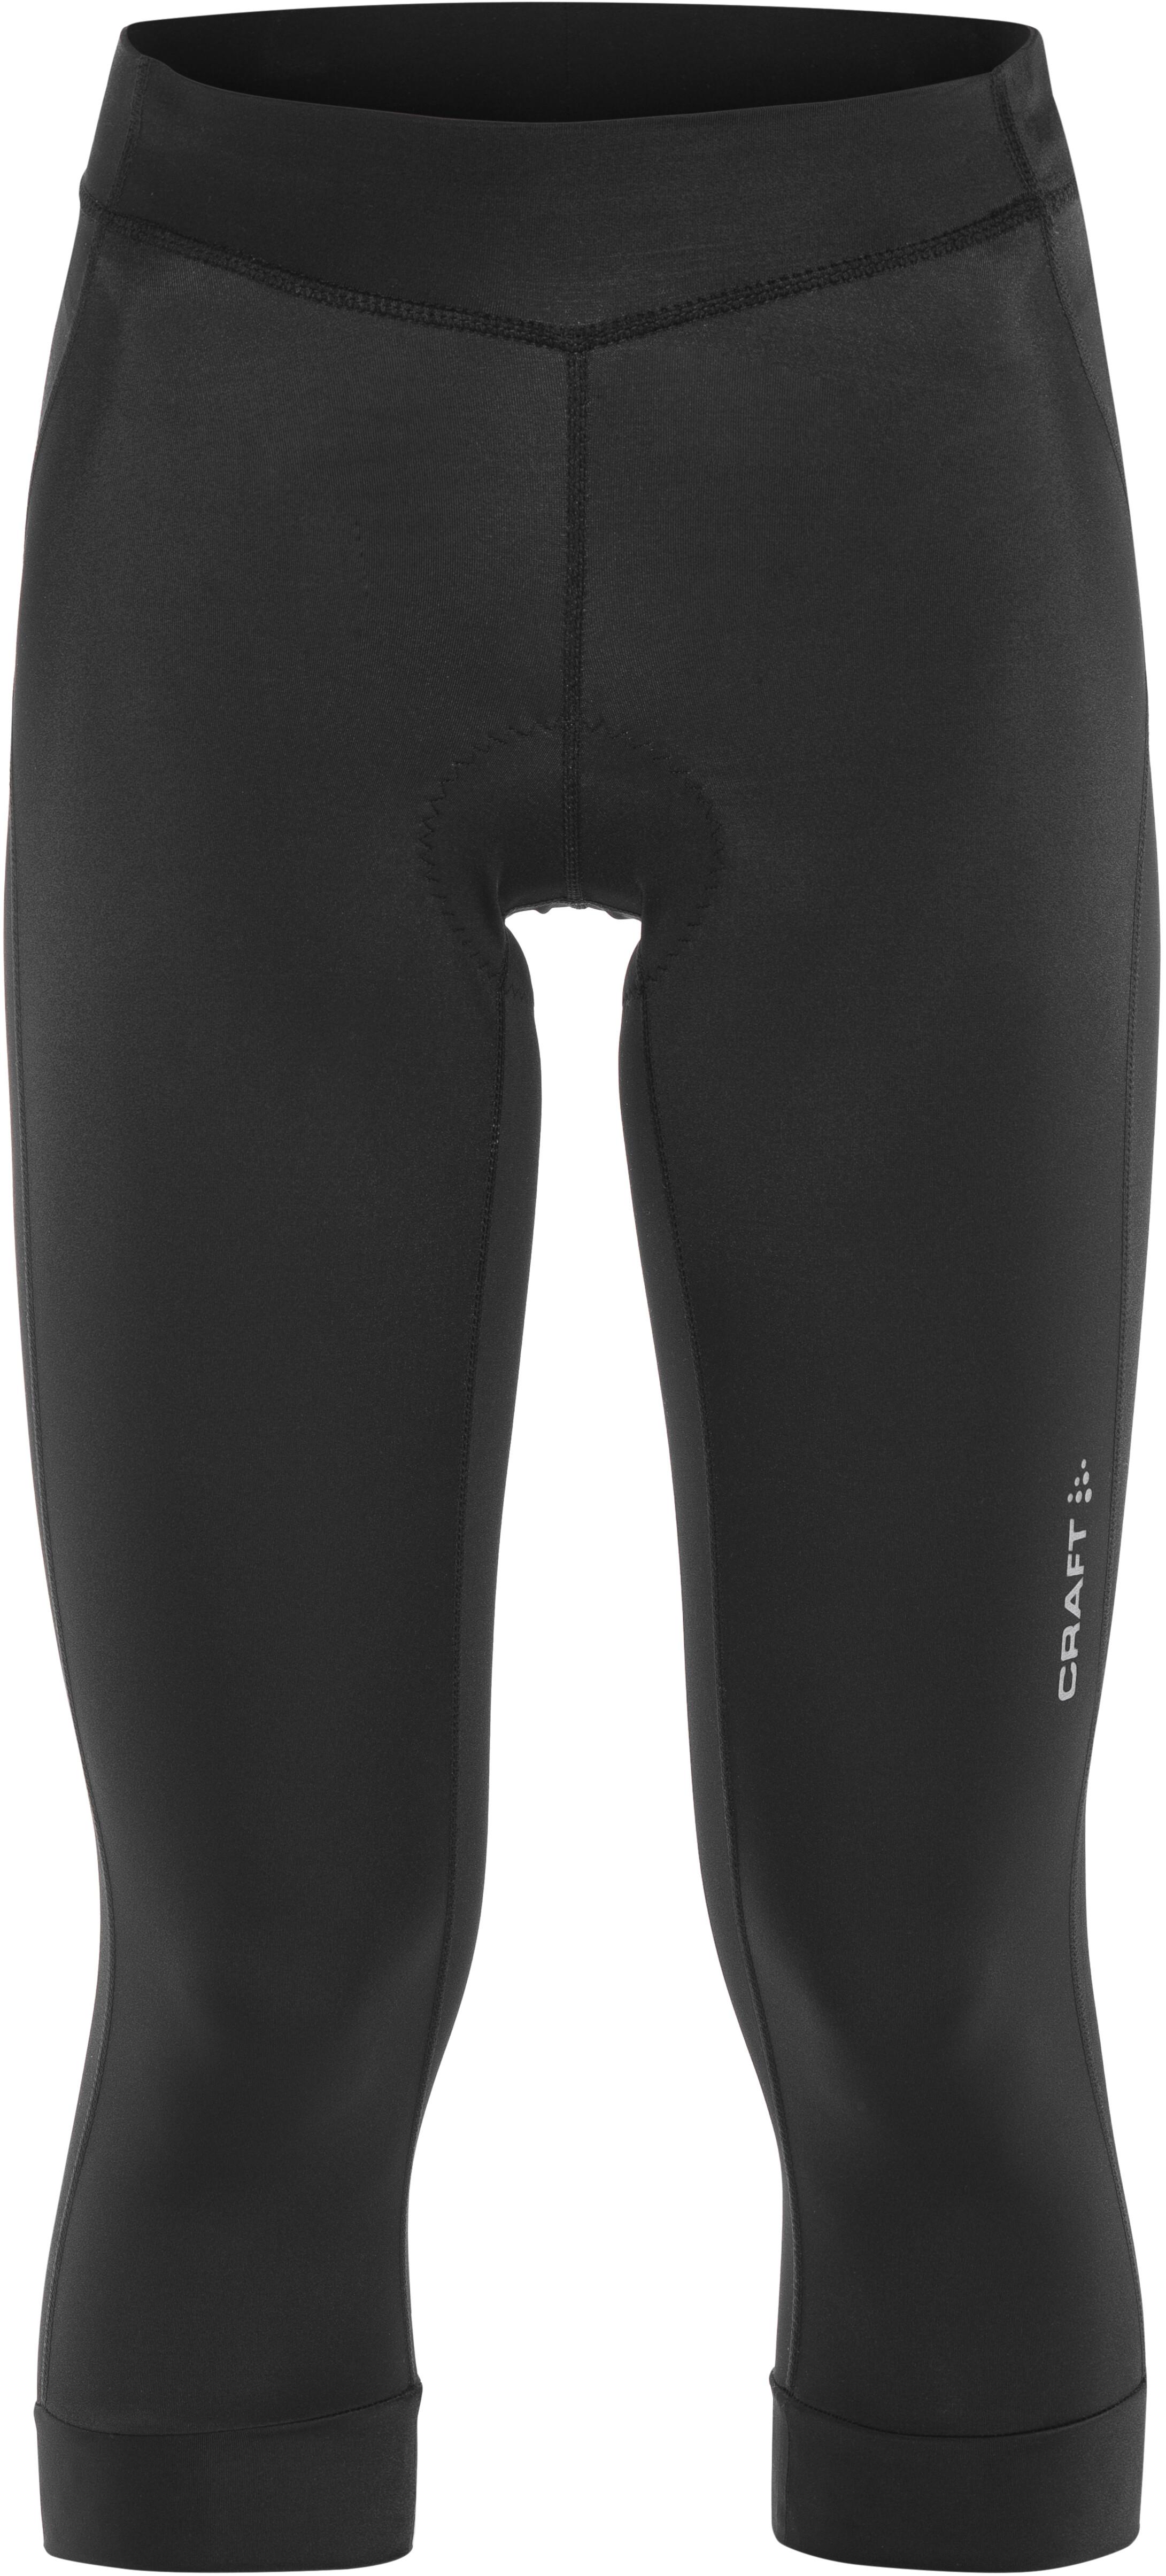 6f807f54 Craft Rise Sykkelbukse Dame black | Gode tilbud hos bikester.no